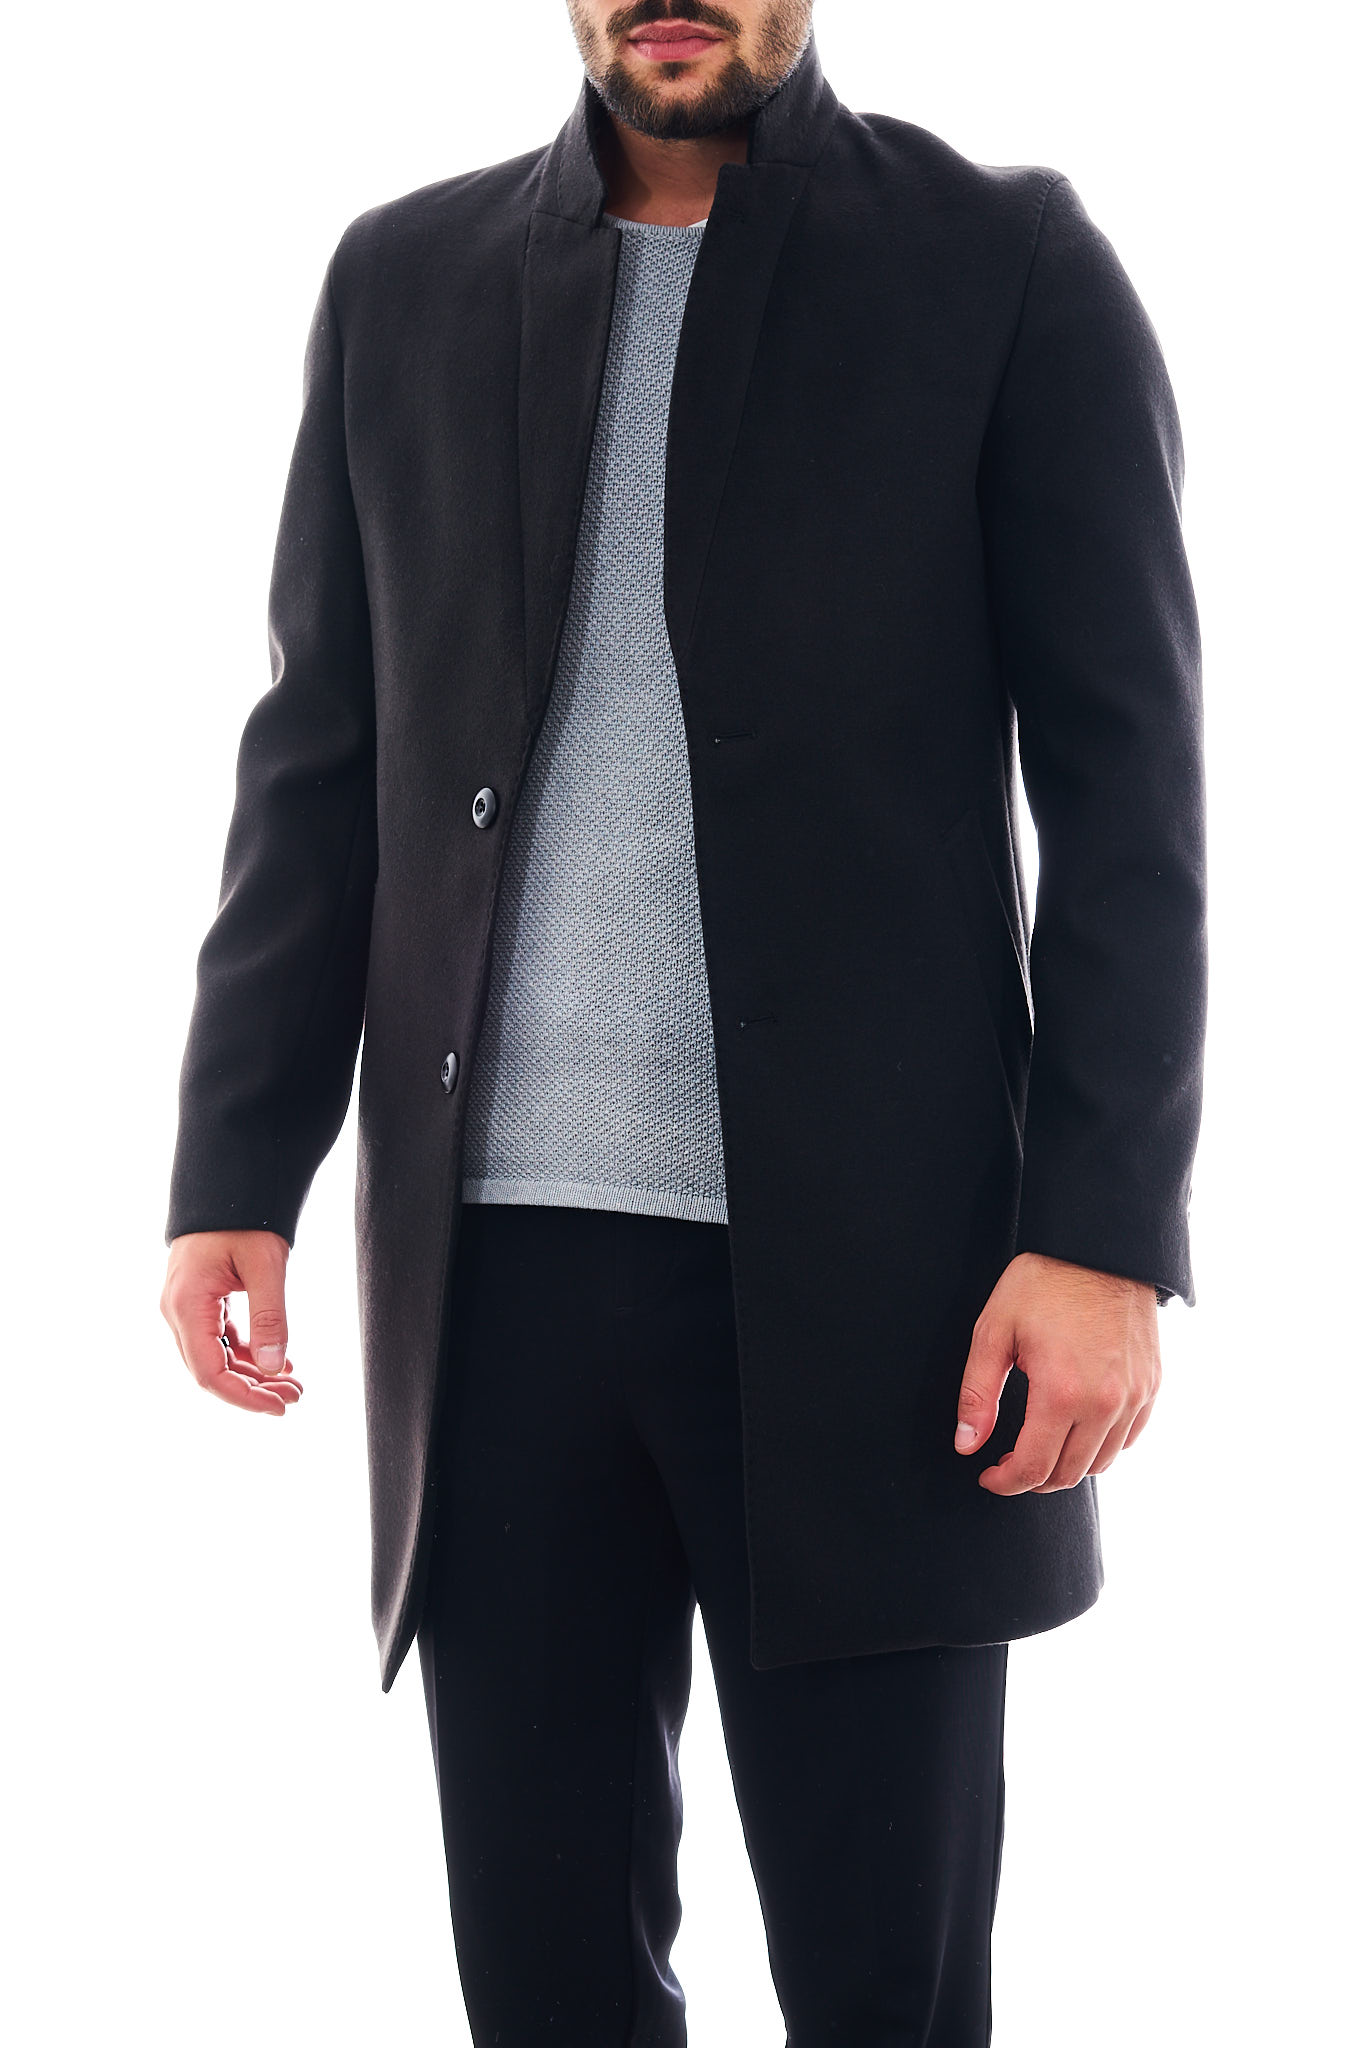 Cappotto in eco-lana SETTE/MEZZO | Cappotto | CP738-VITESSNERO